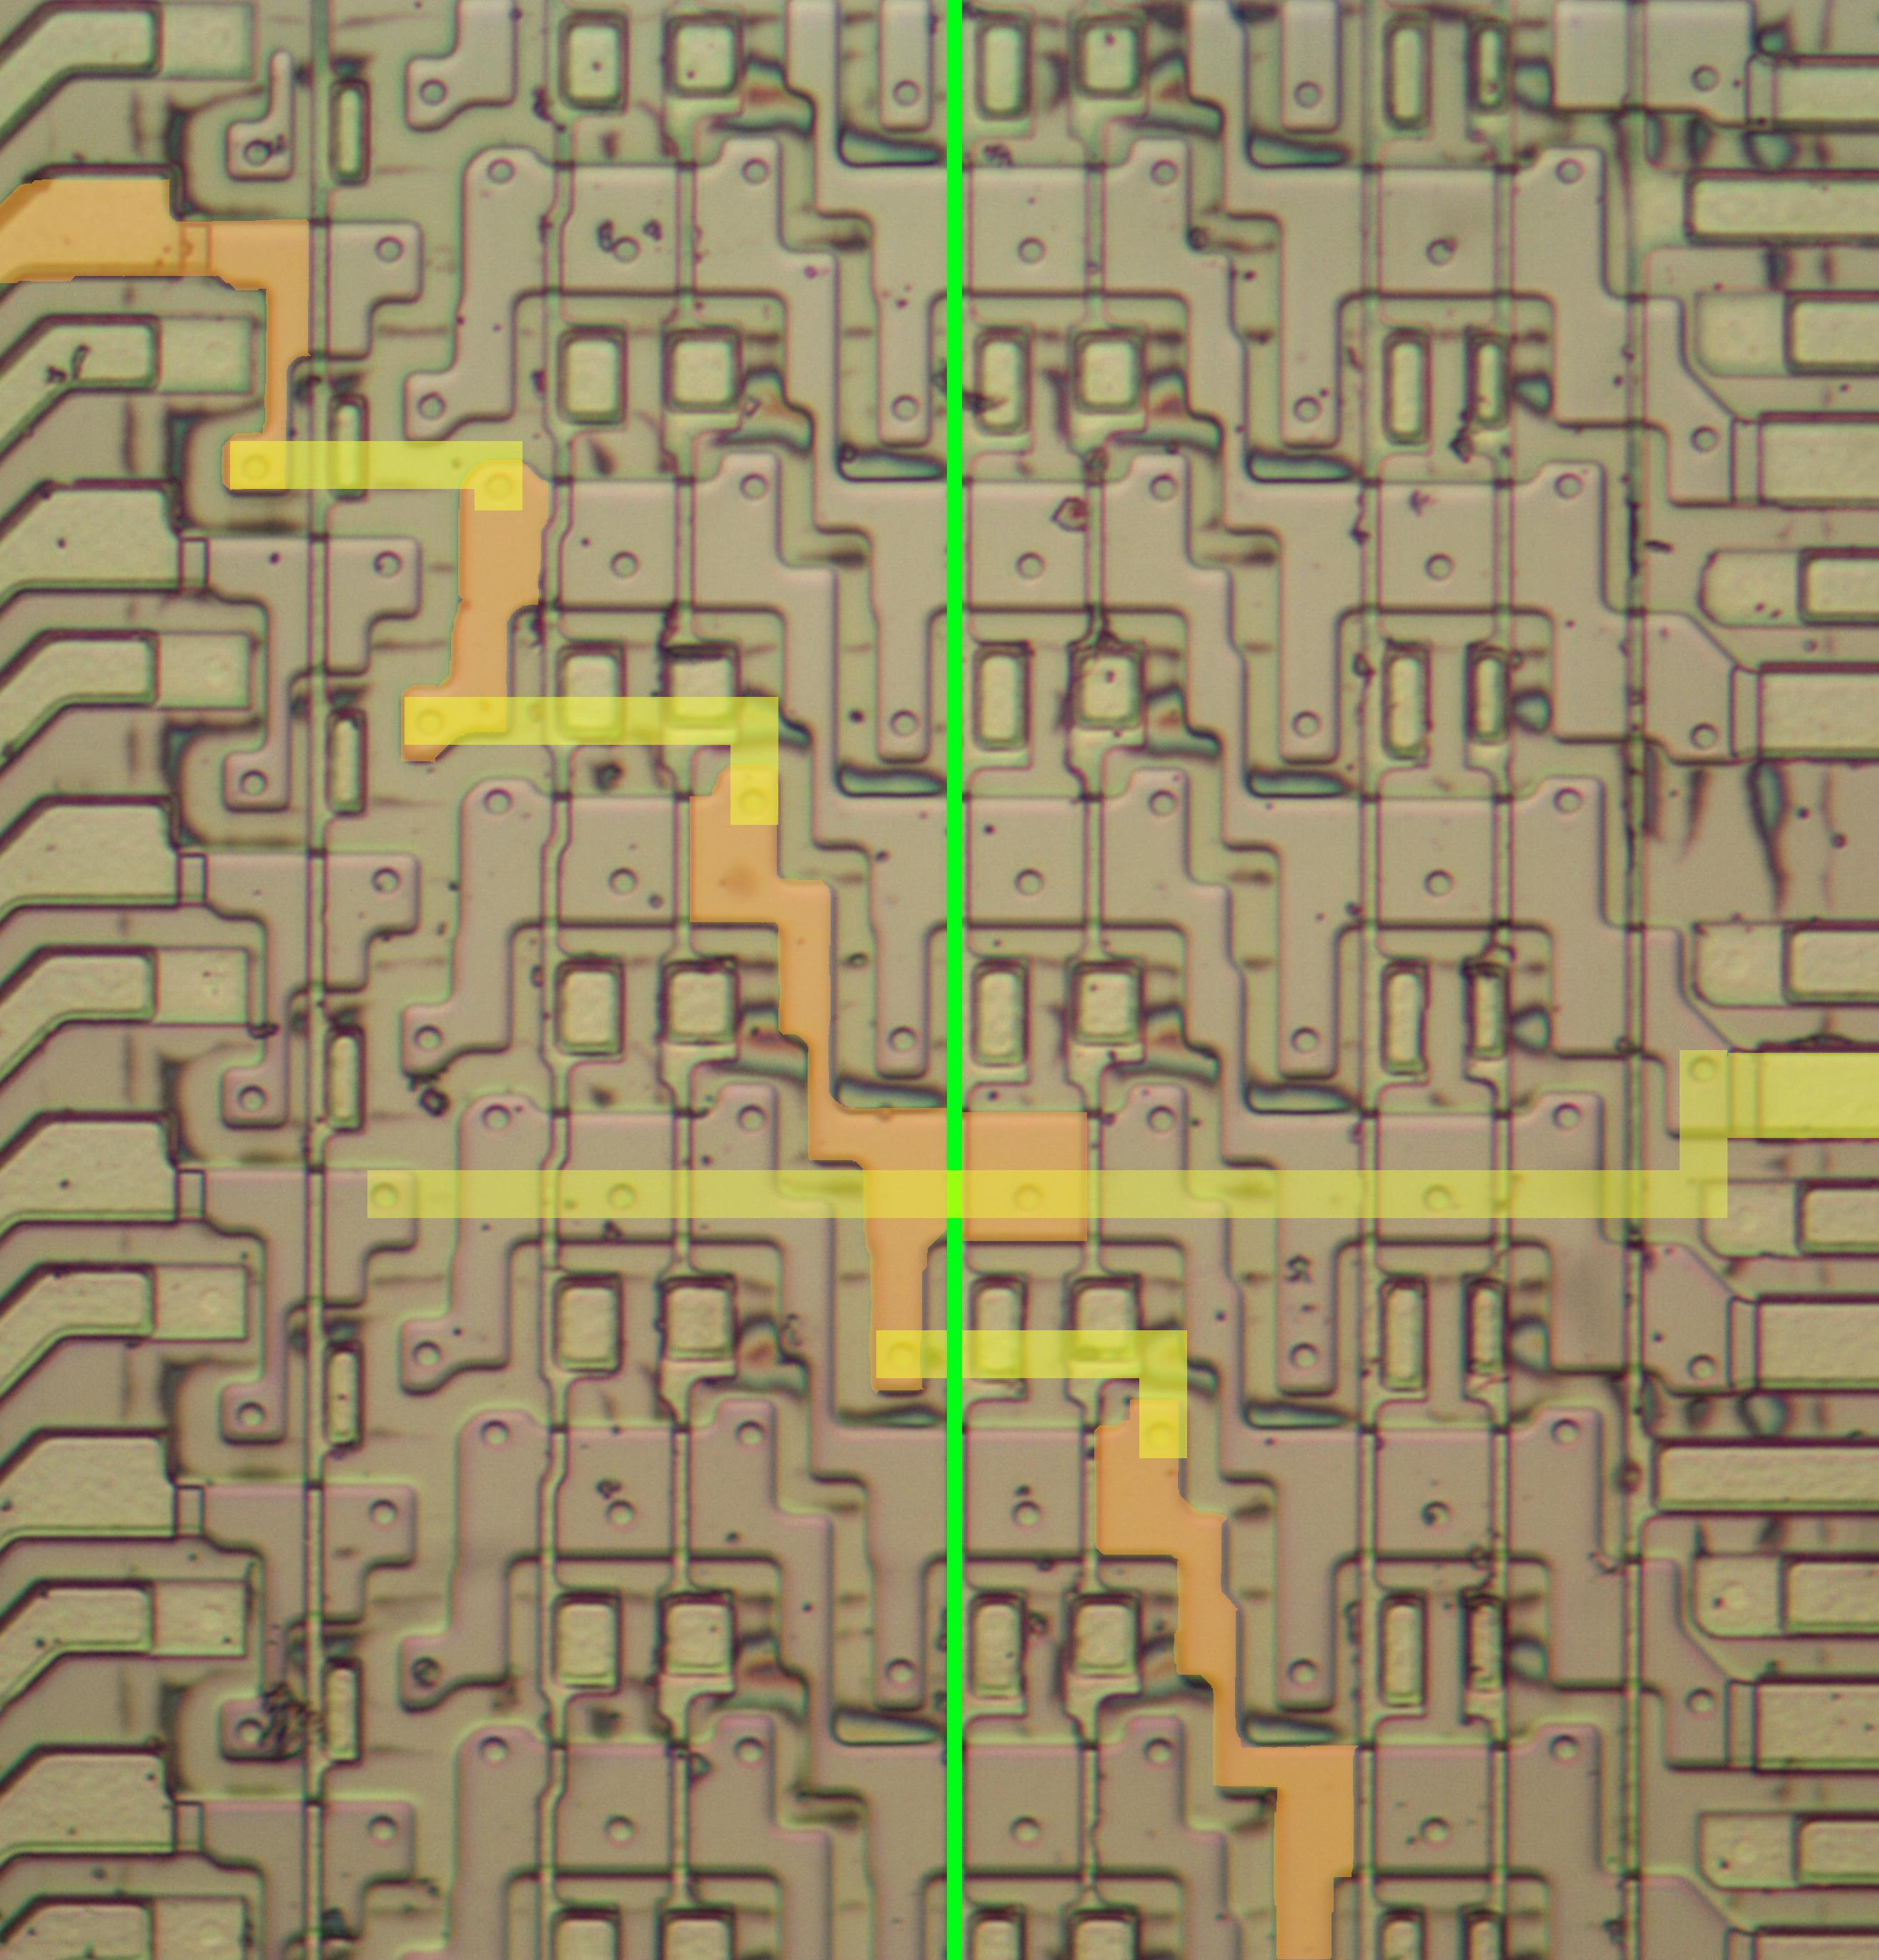 Анализ кристалла сдвигового регистра у математического сопроцессора 8087 - 6